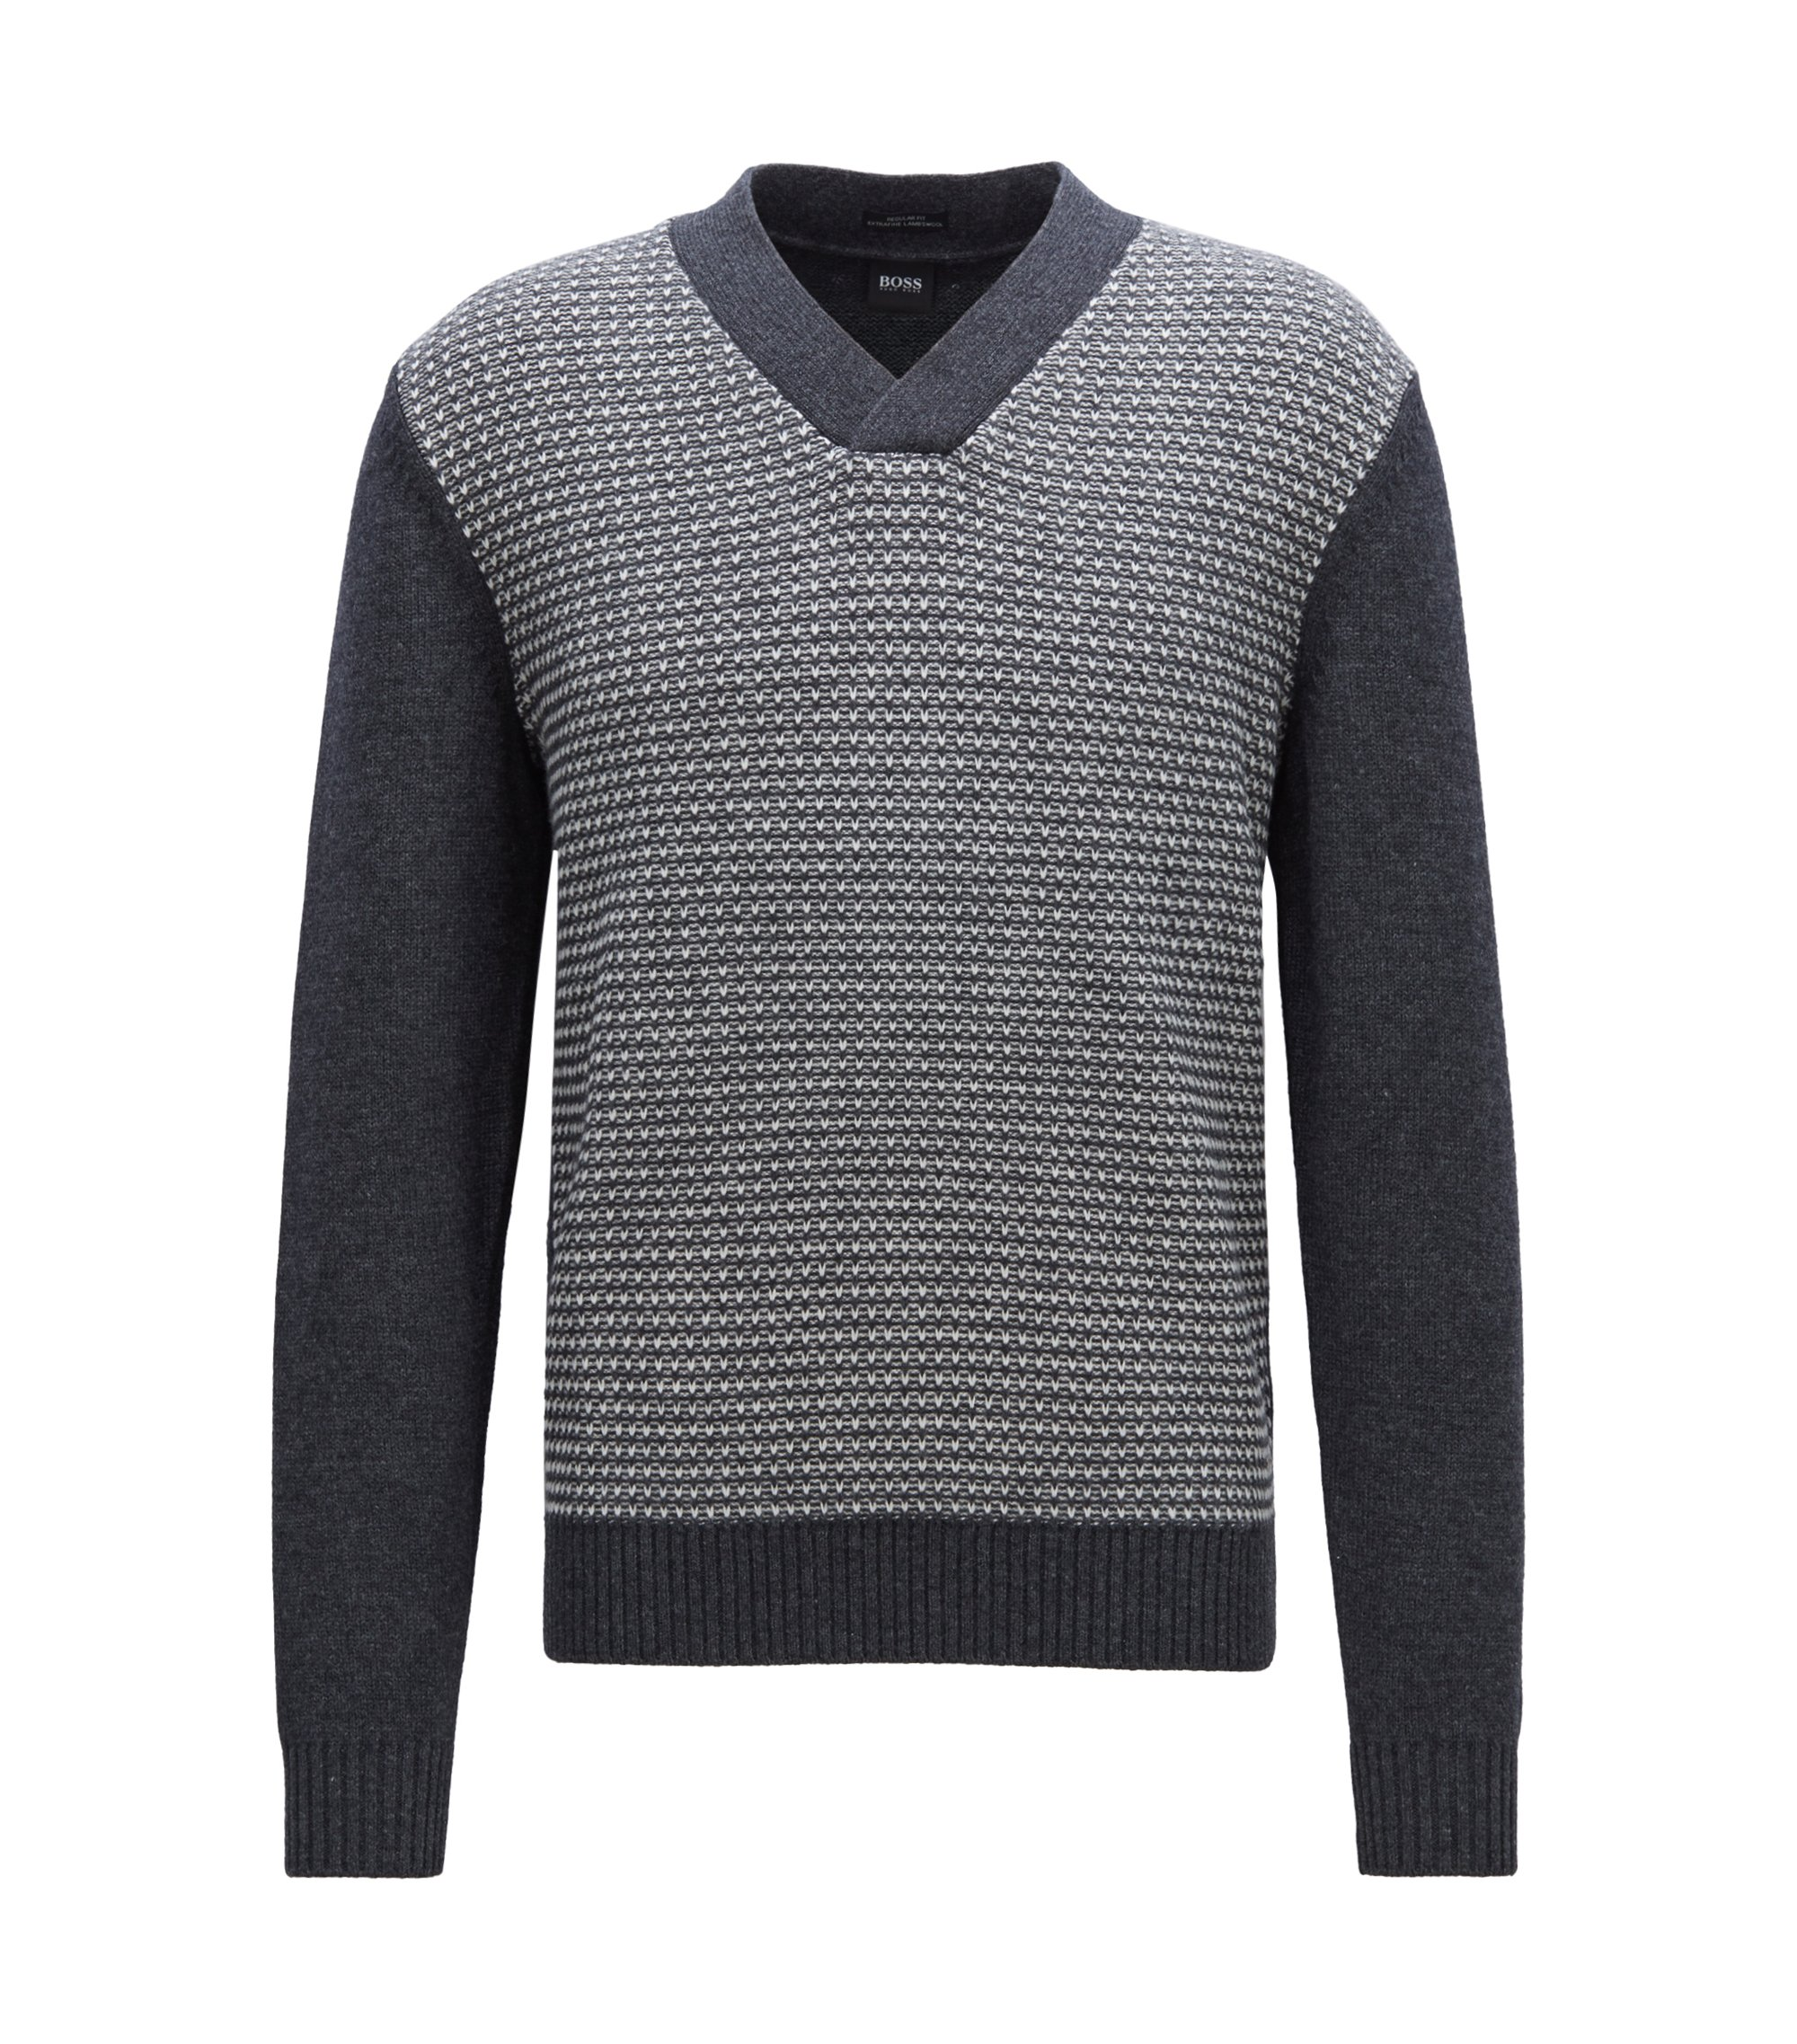 Maglione con scollo a V in lana d'agnello con lavorazione jacquard bicolore, Grigio scuro